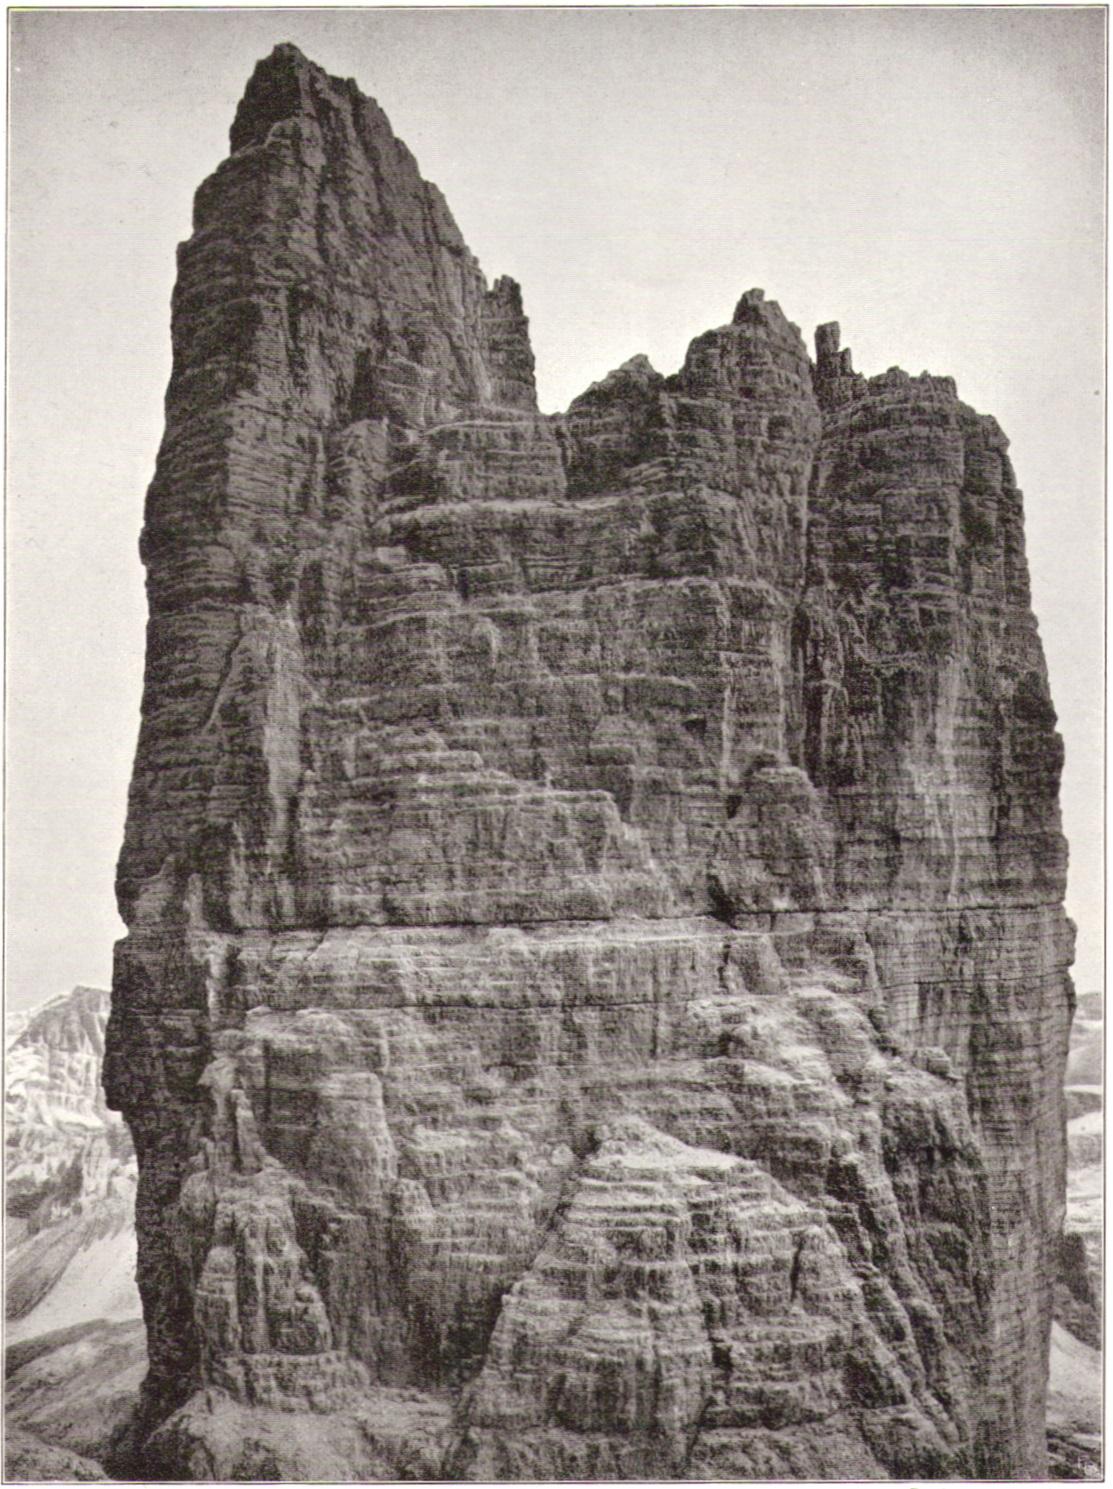 Adolf Witzenmann05 Kleine Zinne Westwand von der Grossen Zinnep.jpg